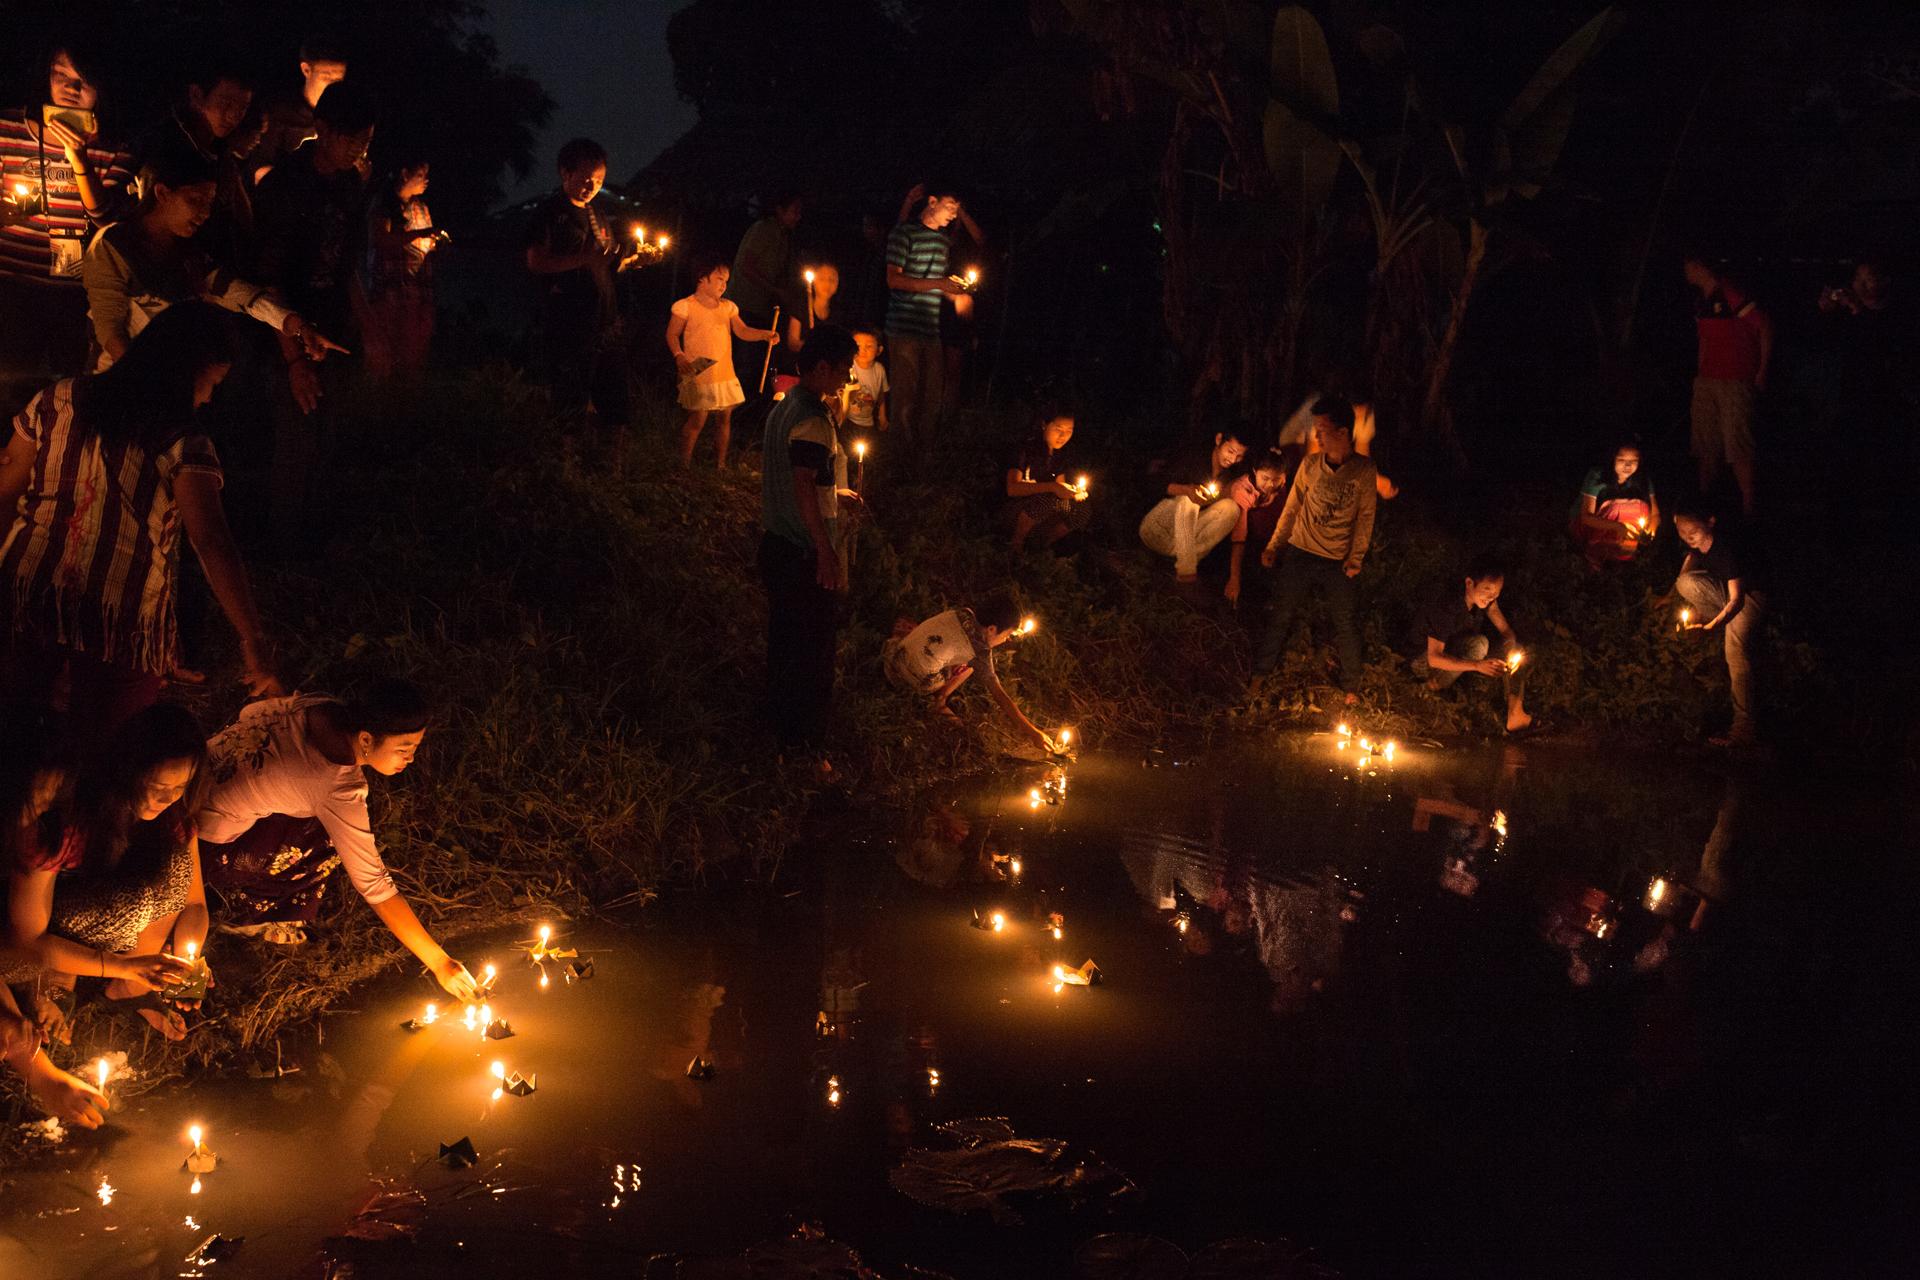 Des Birmans déposent des bougies sur l'eau d'une mare la nuit de Thadingyut. Cette date marque la fin du carême bouddhiste. Elle est l'occasion de festivités, de visites dans les temples et d'illuminations.Province de Tak, Thaïlande, octobre 2014